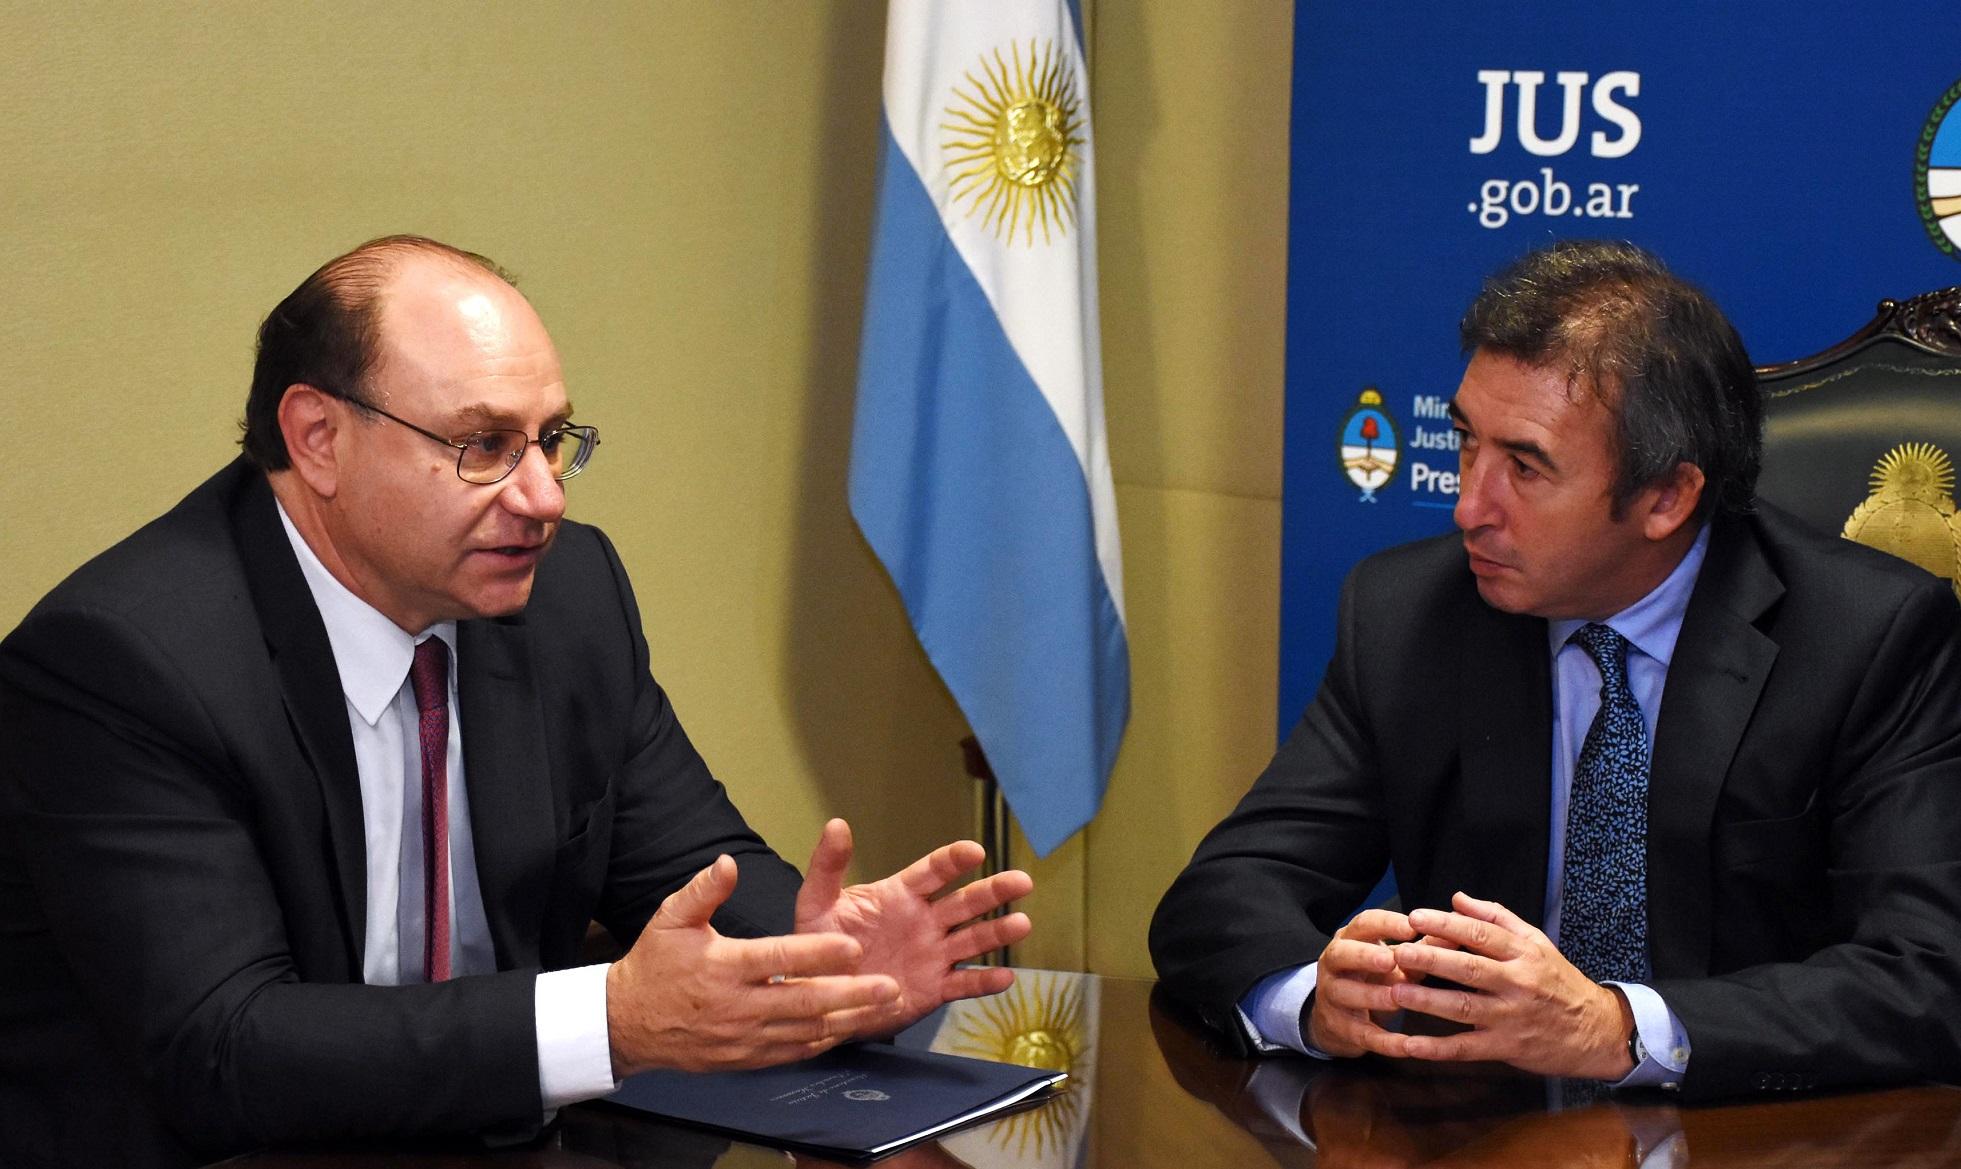 Otamendi y Piedecasas firmaron convenio sobre mejoras edilicias en el Poder Judicial